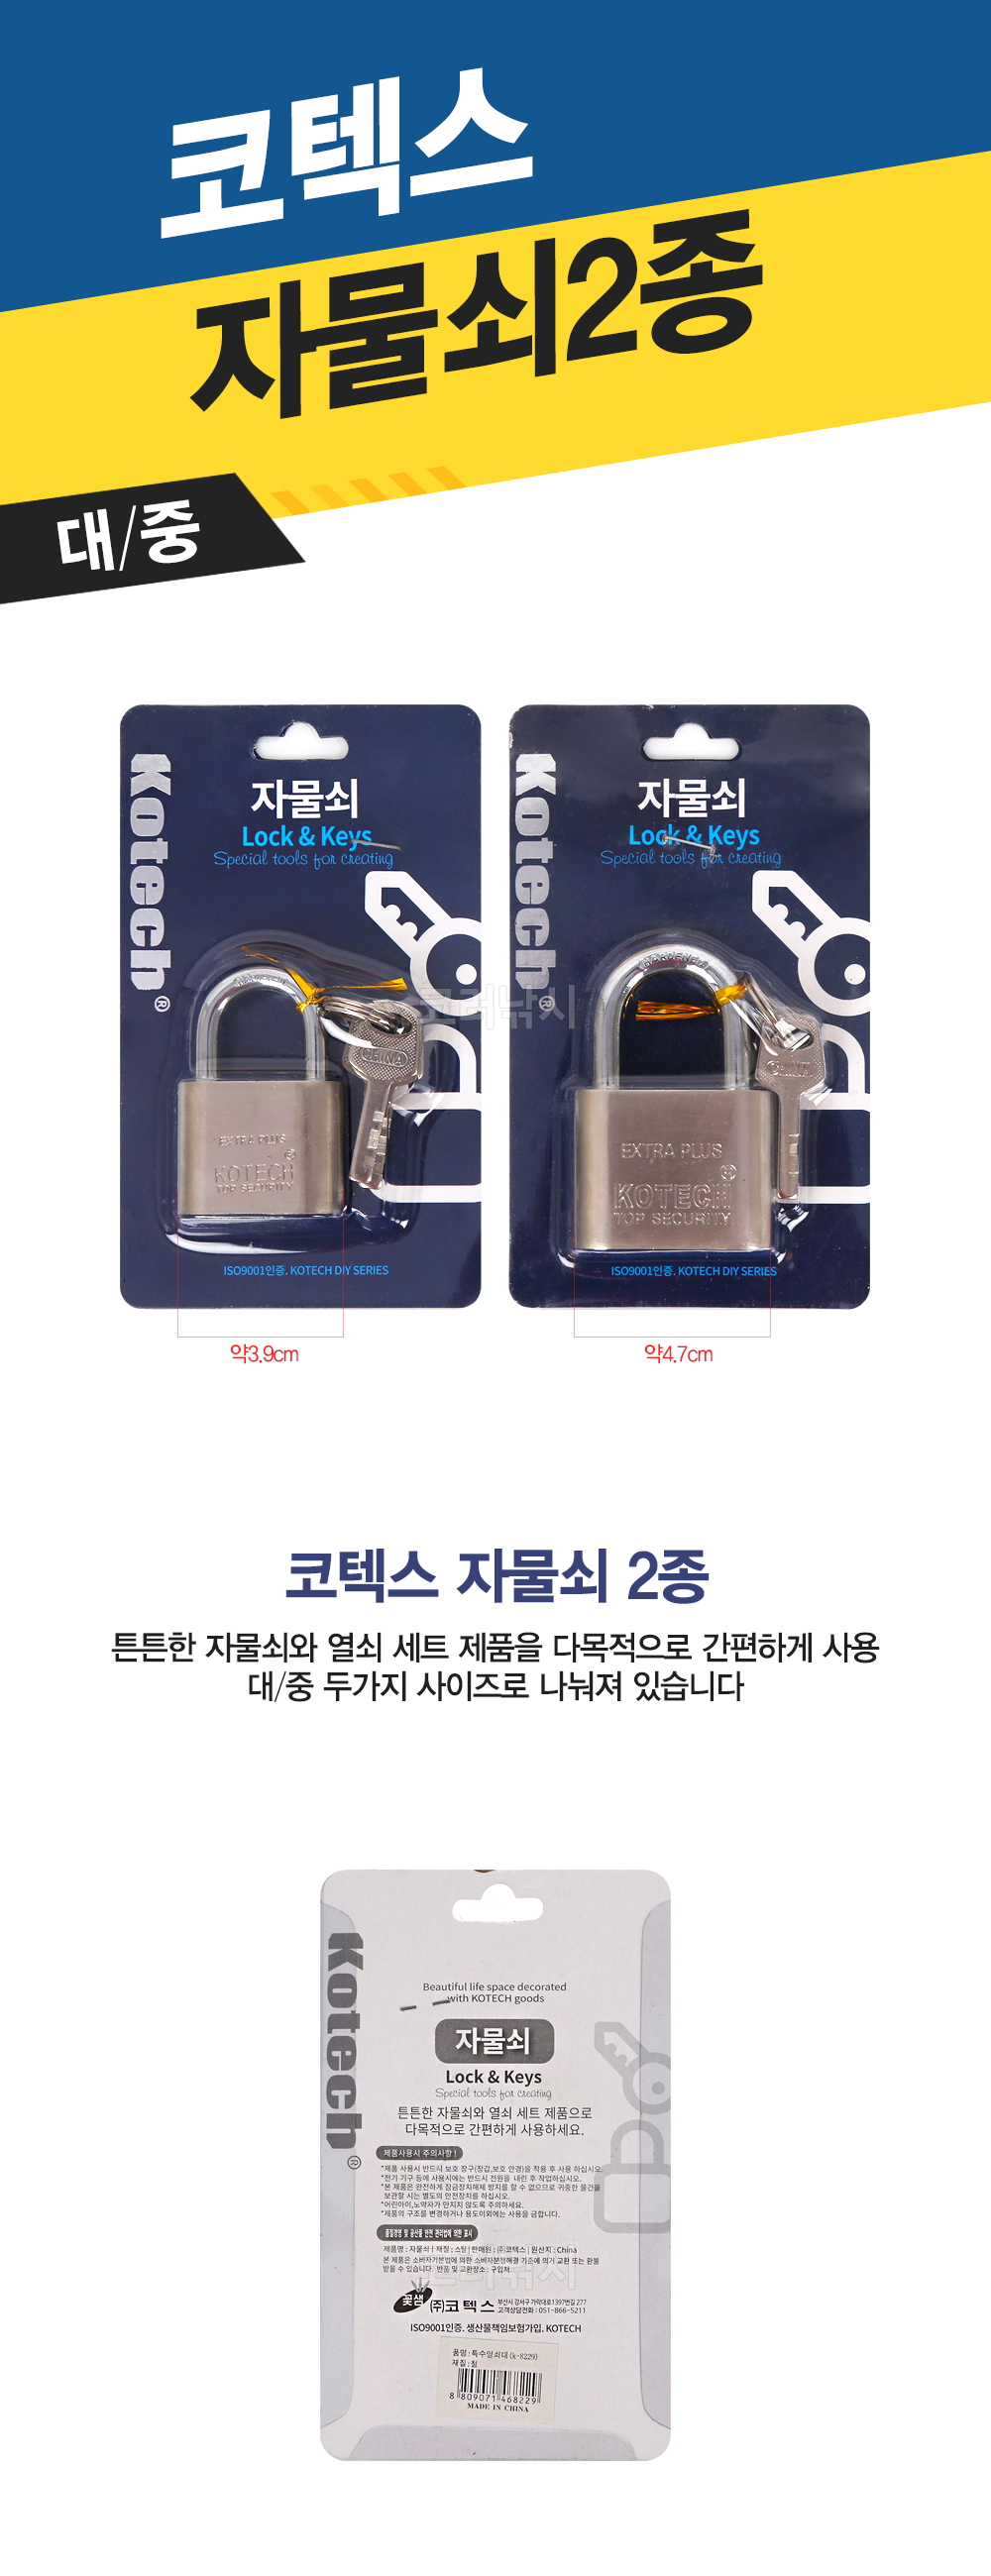 코텍스 자물쇠 2종 특수열쇠 창고열쇠